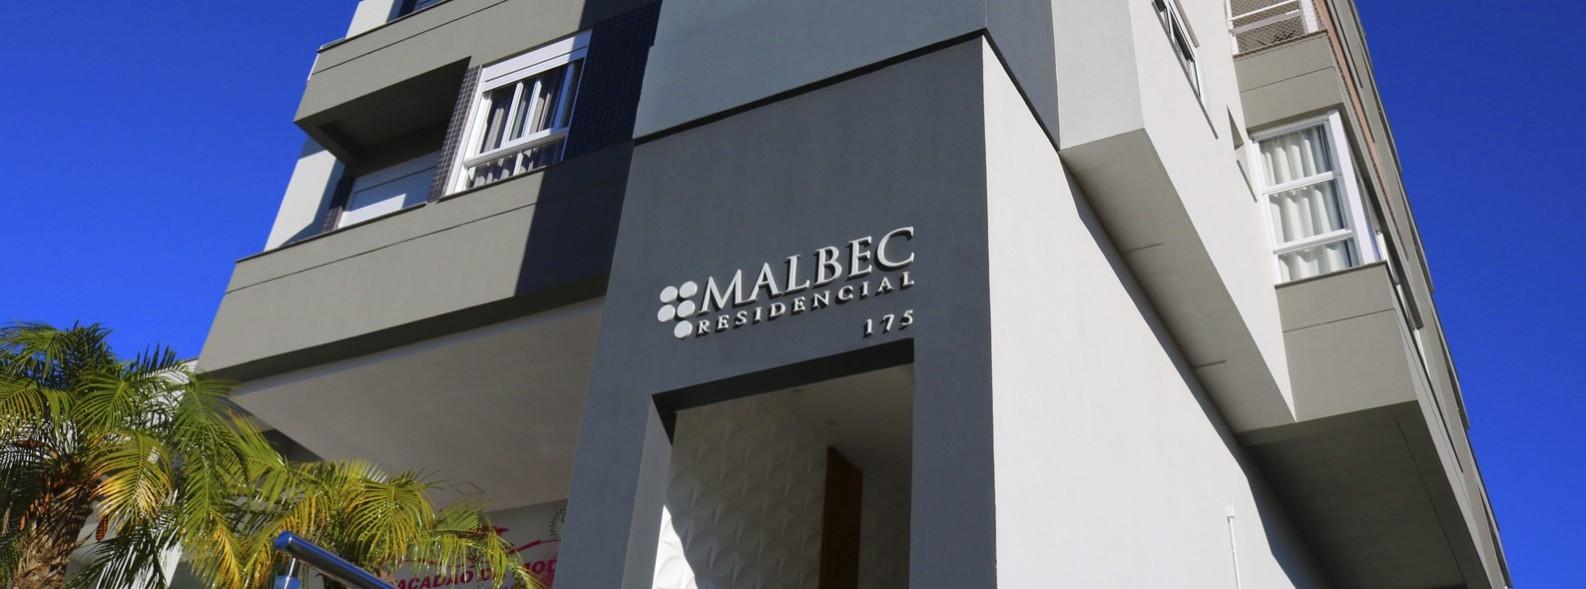 malbec-residencial_1_1913.jpg